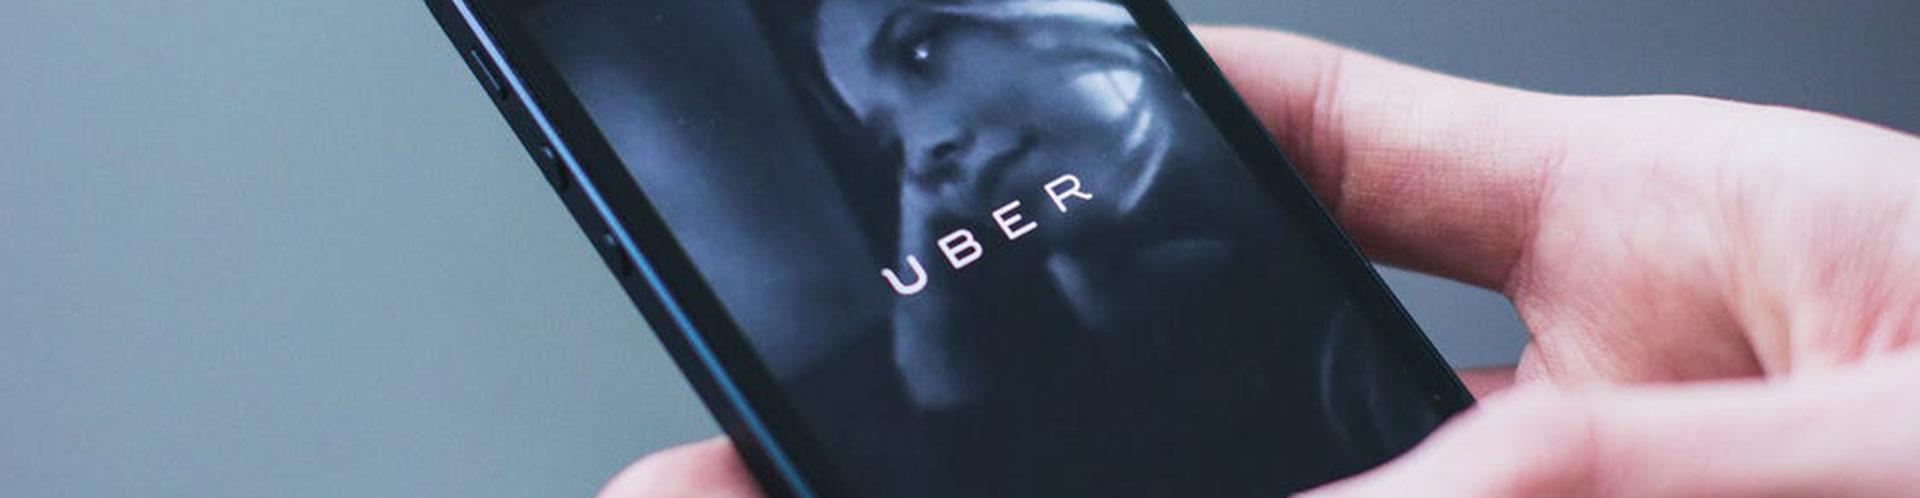 KNV pleit voor gelijke regels voor taxidiensten | Letselschade Test